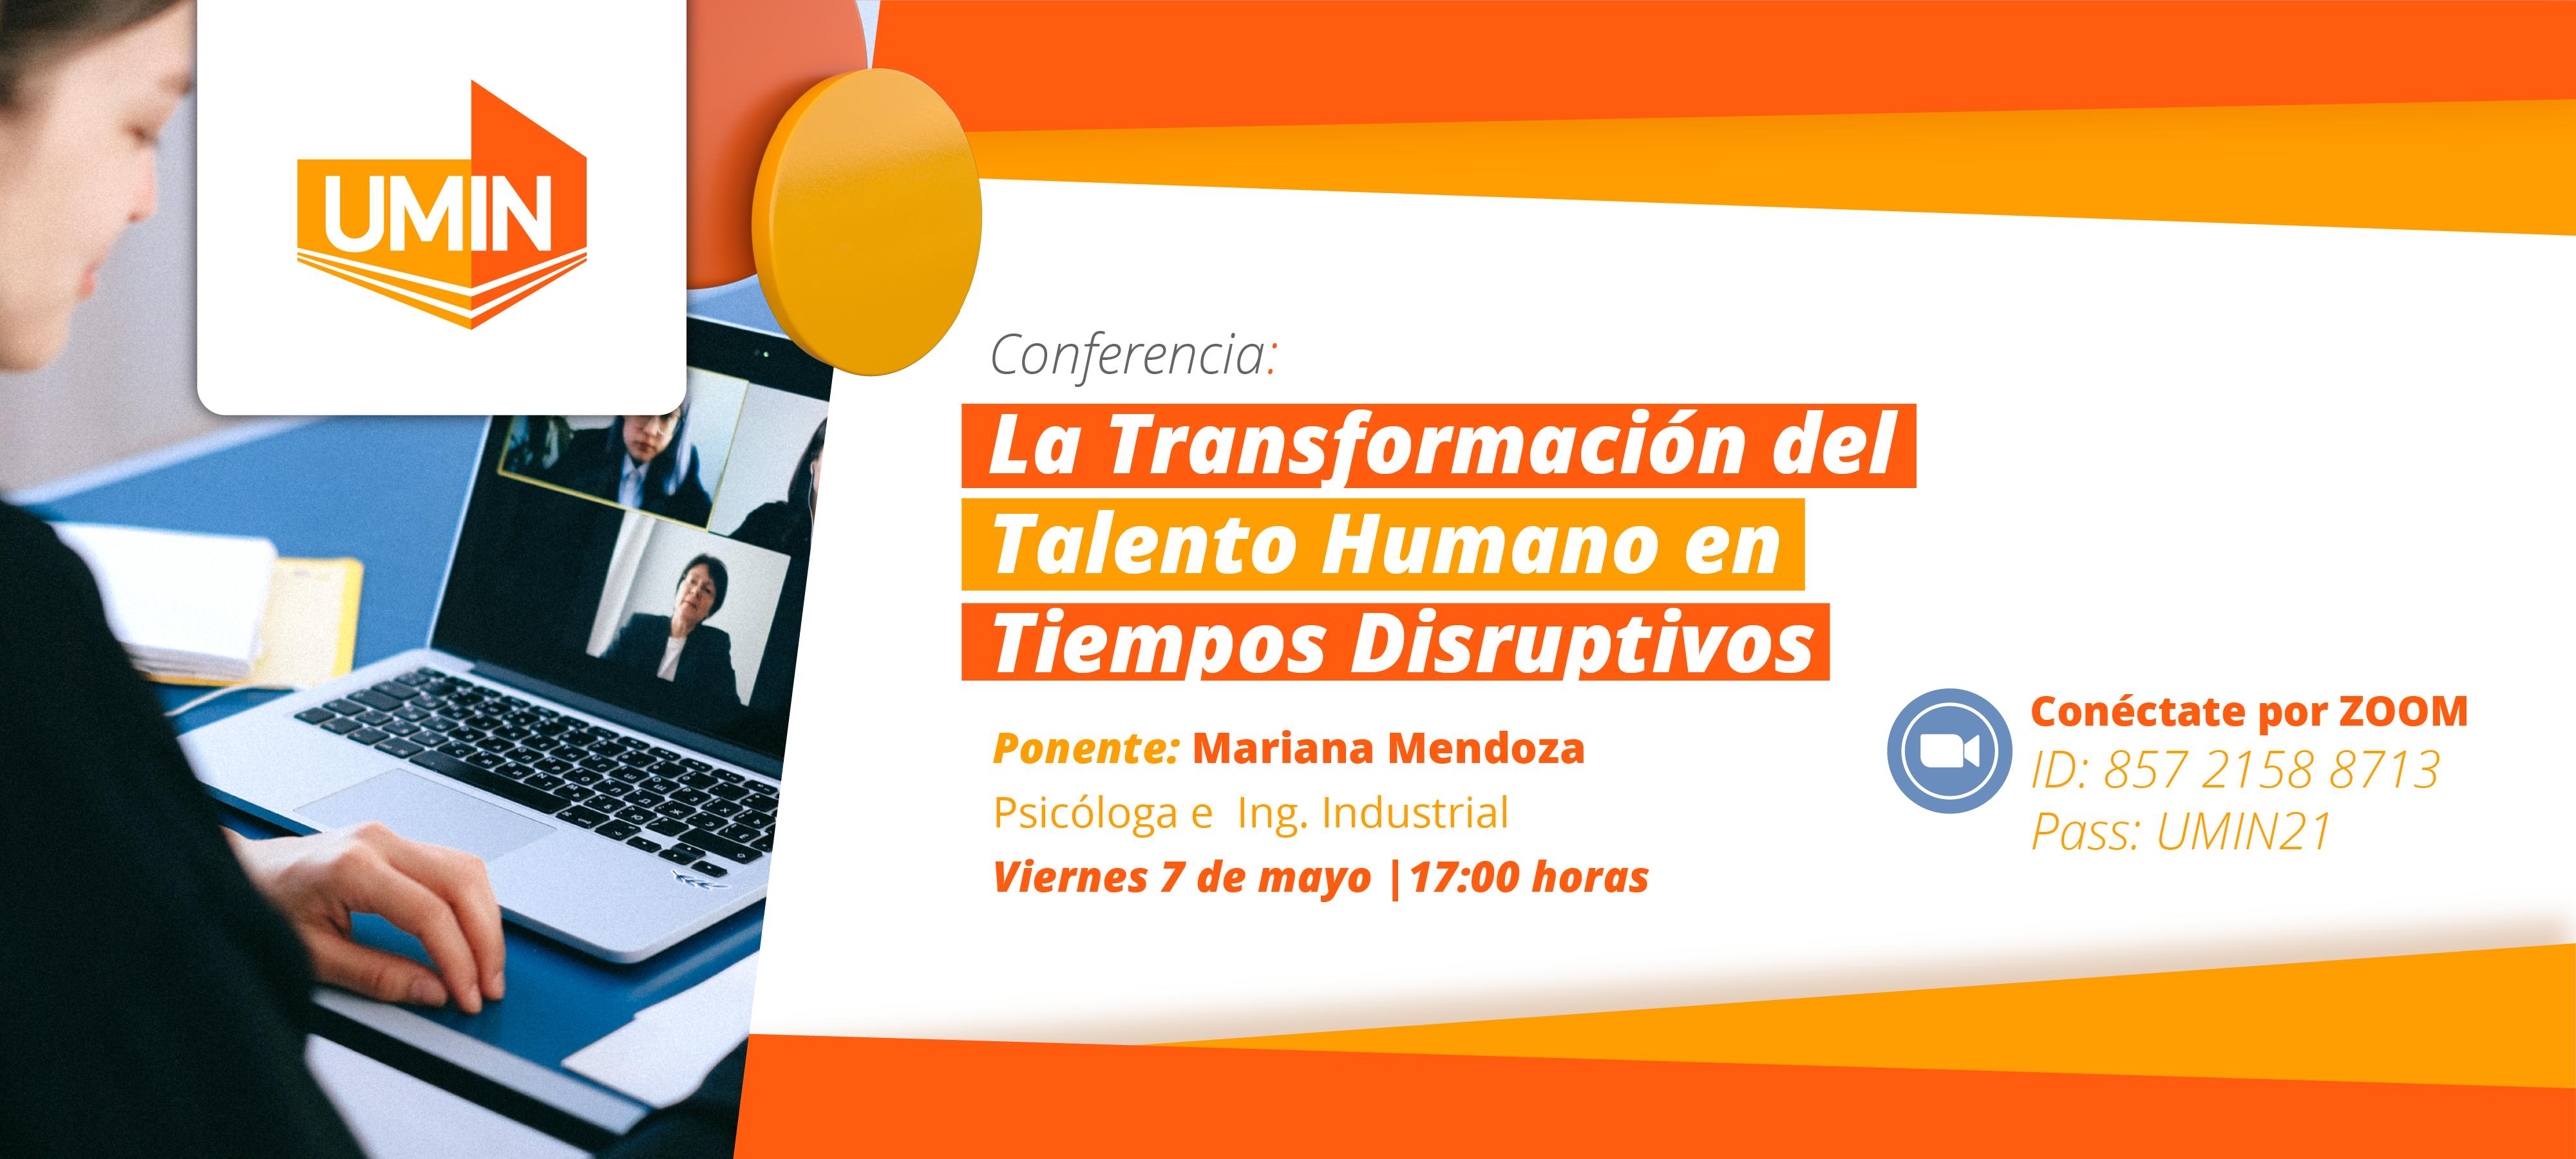 Conferencia La transformación de Talento Humano en Tiempos Disruptivos